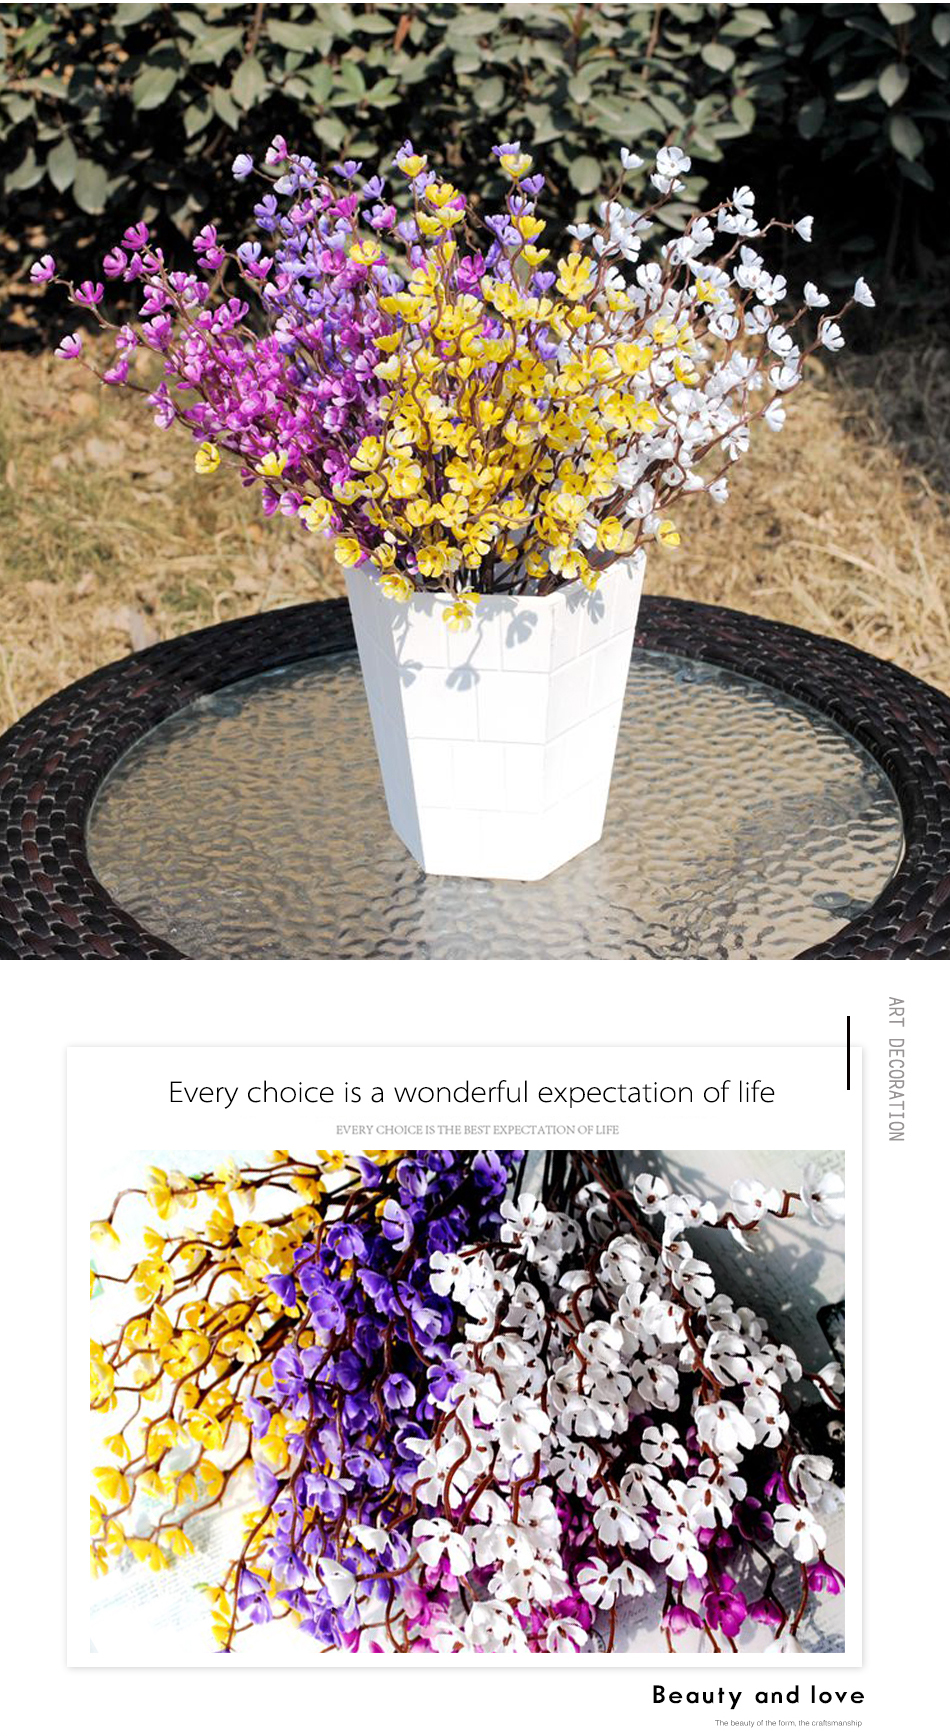 10 x rouge pétale fleur de printemps perles 30mm-uk vendeur-le jour même livraison gratuite